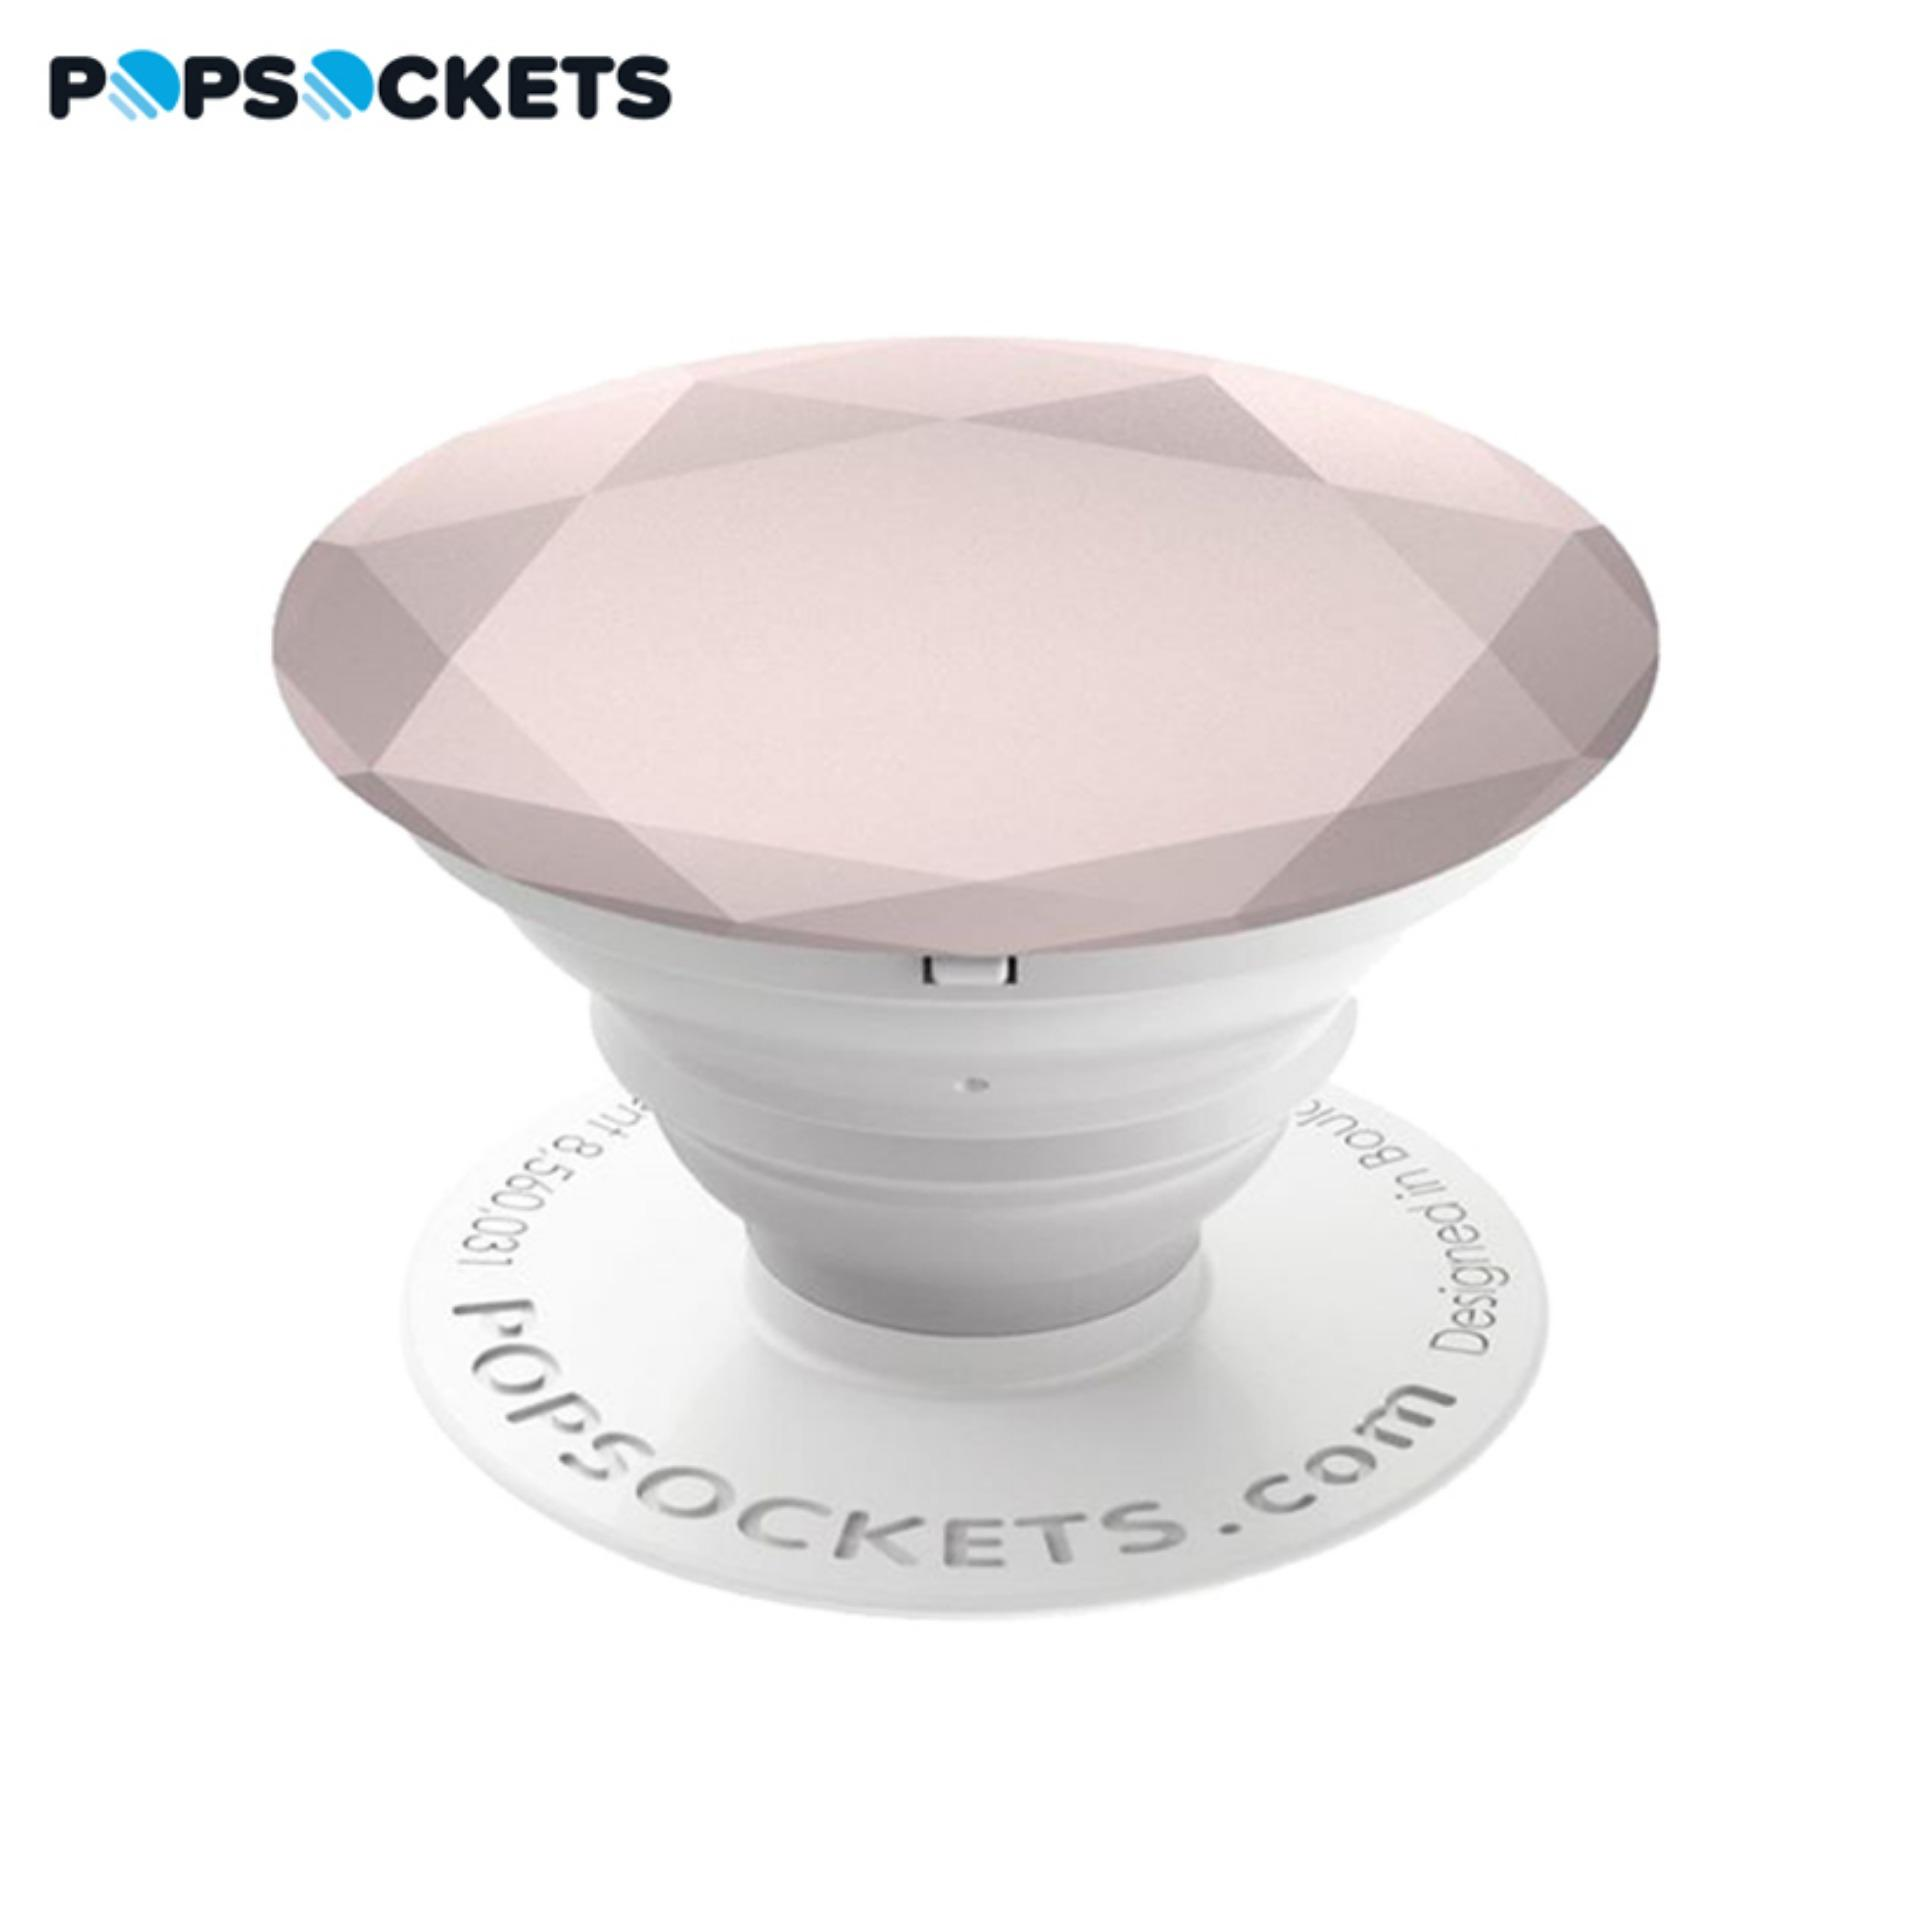 Giá Đỡ Điện Thoại Thời Trang PopSockets RSGD GY GY